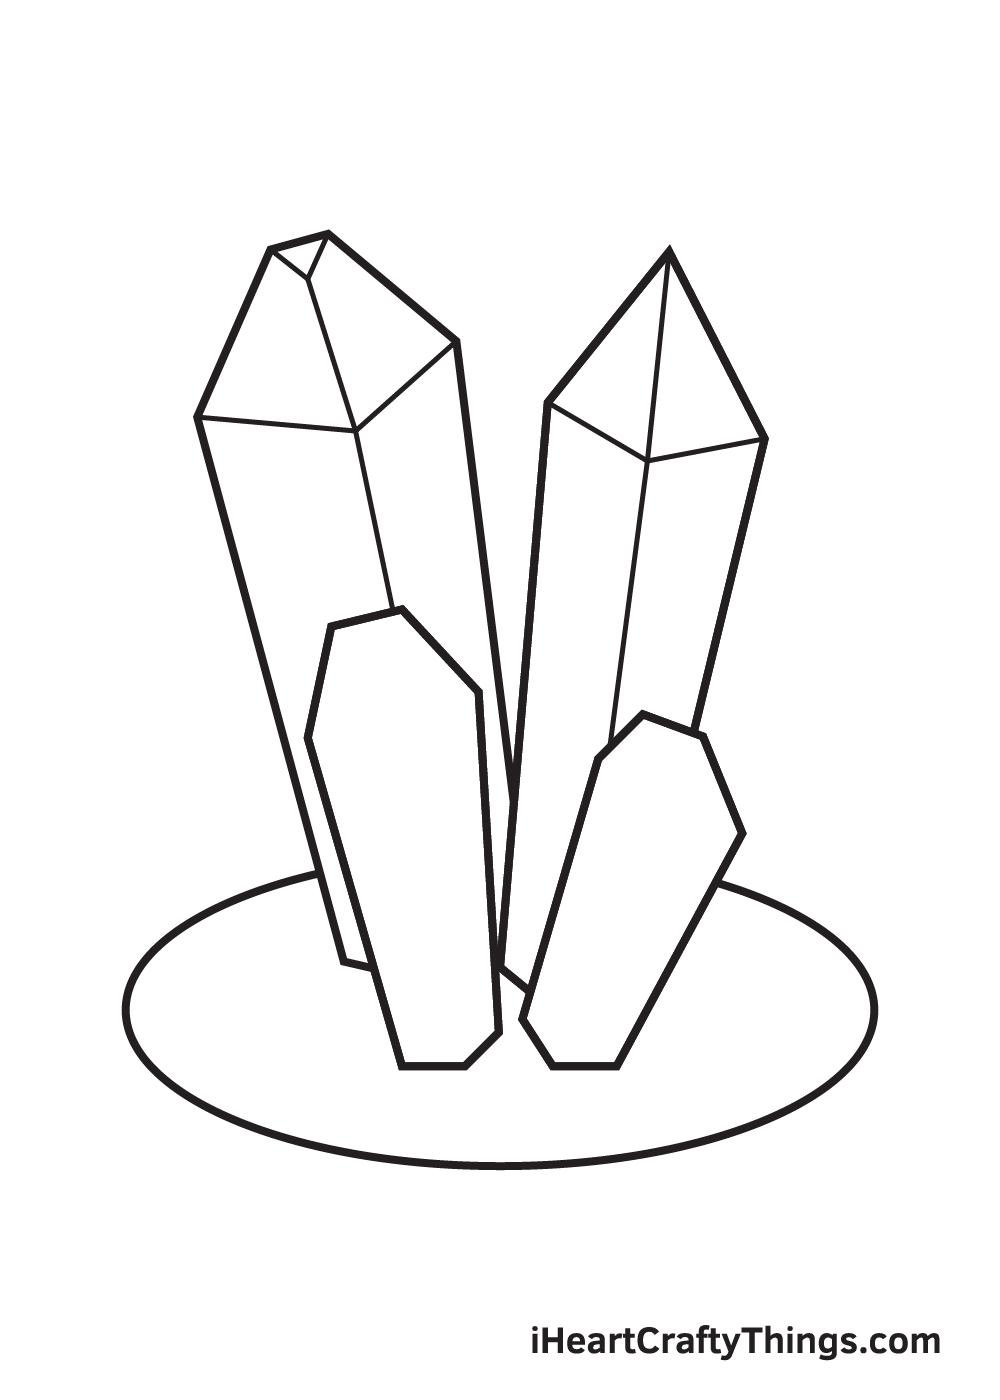 crystals drawing step 7